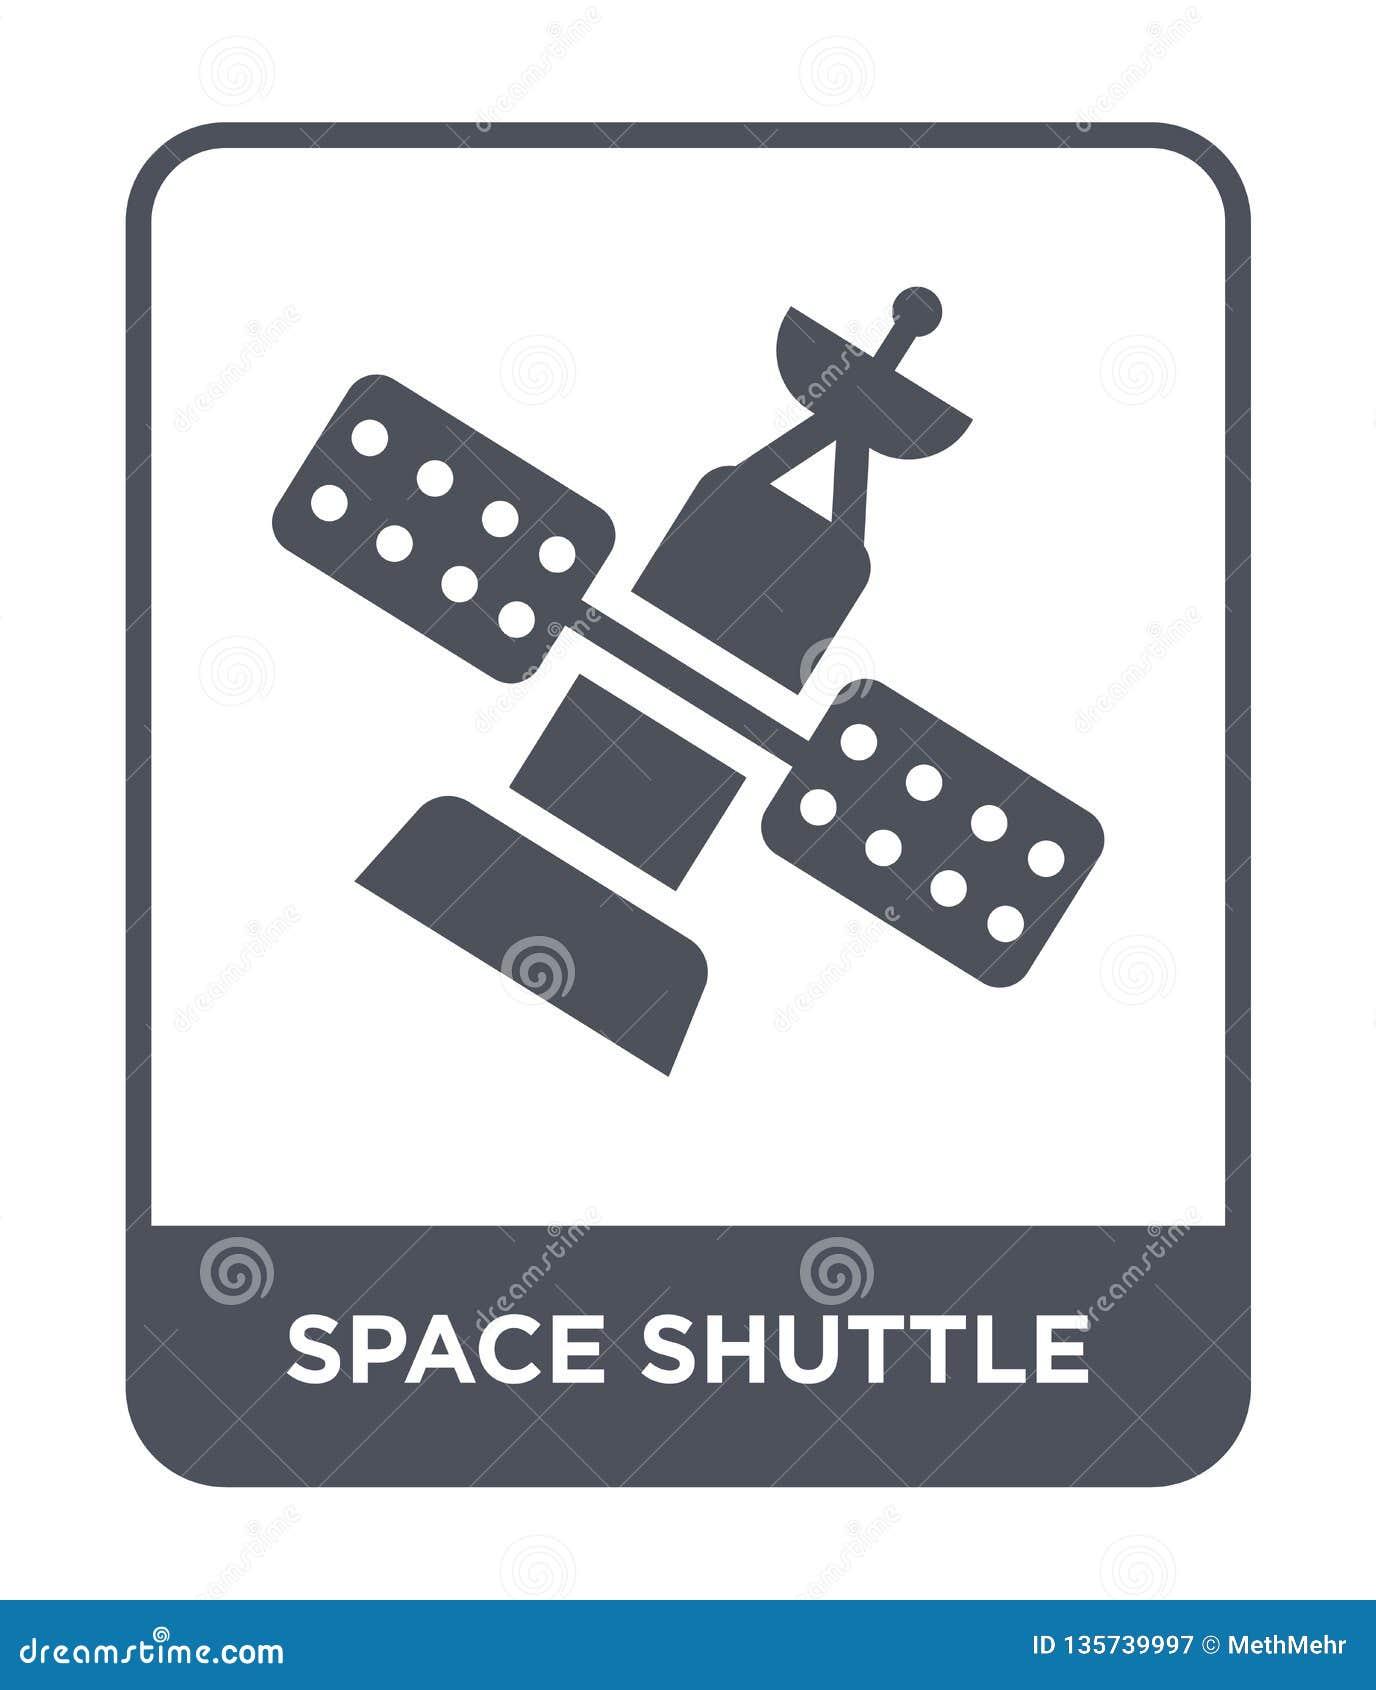 ícone do vaivém espacial no estilo na moda do projeto Ícone do vaivém espacial isolado no fundo branco ícone do vetor de vaivém e